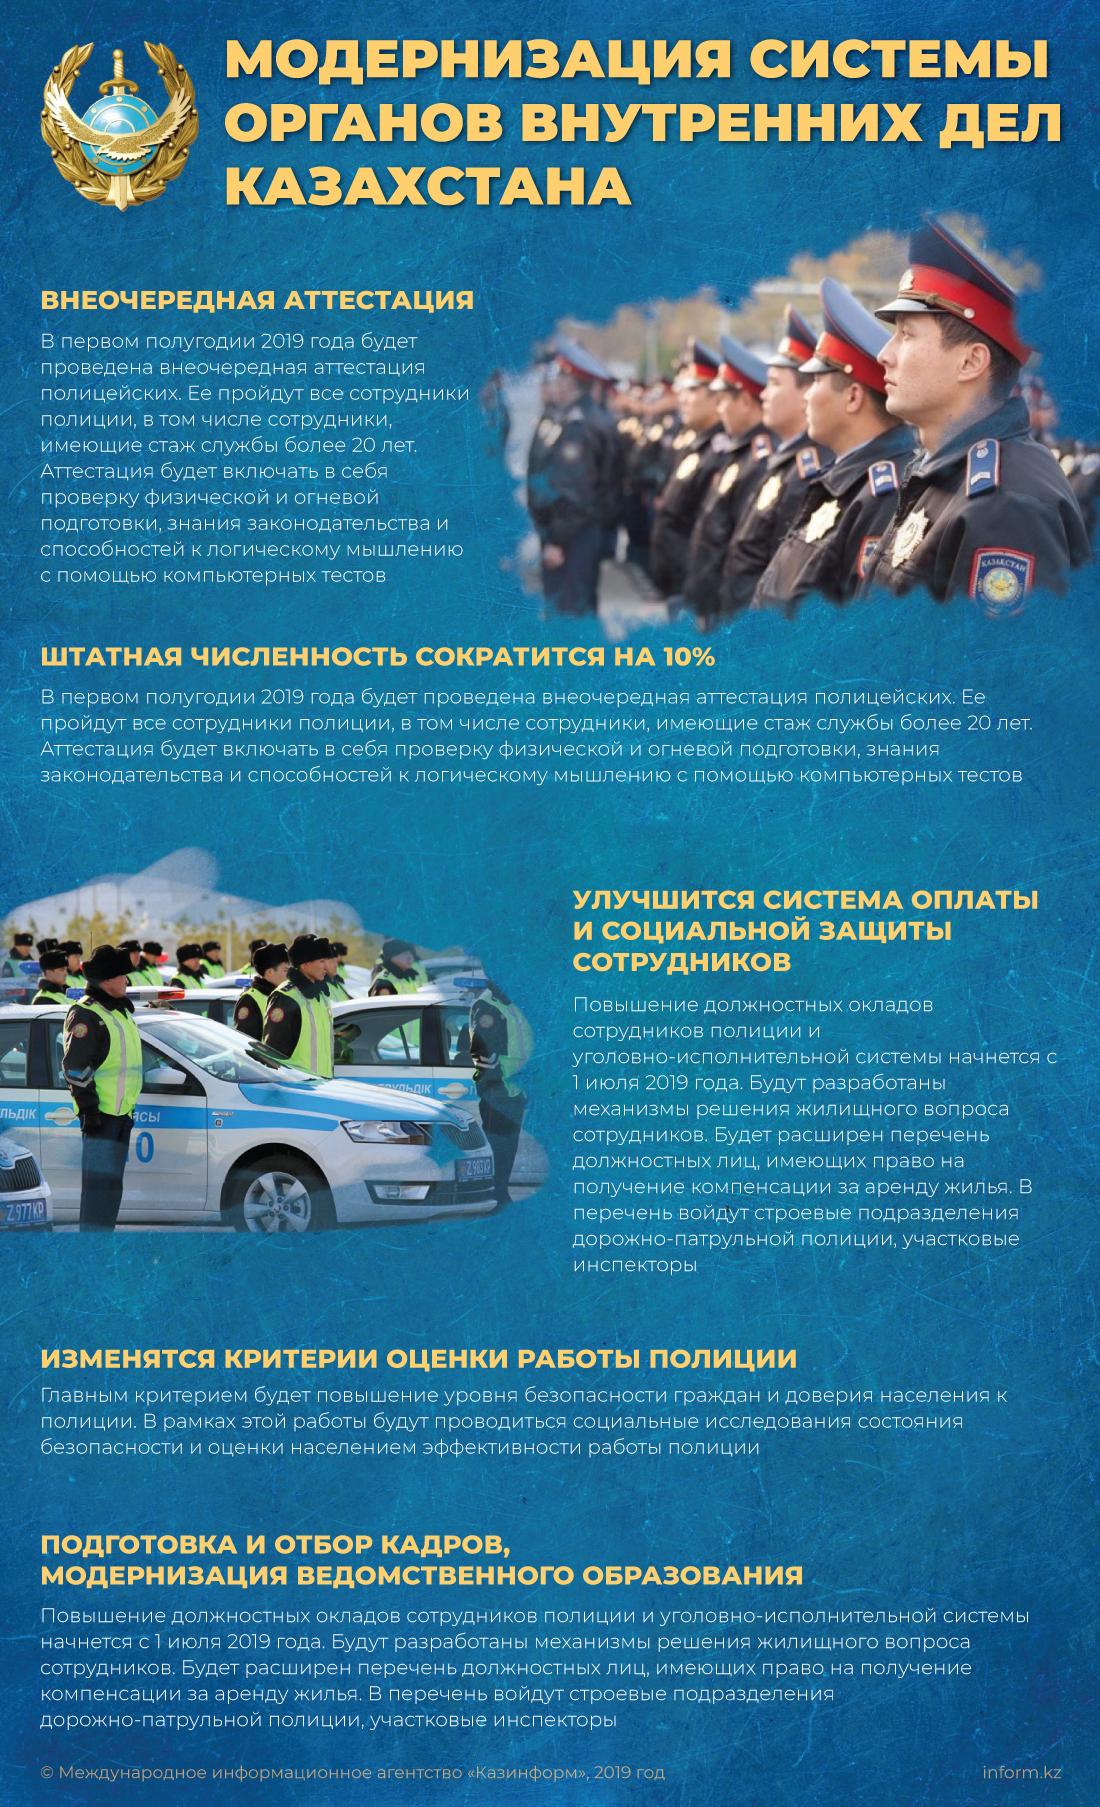 Reforma-MVD-rus1